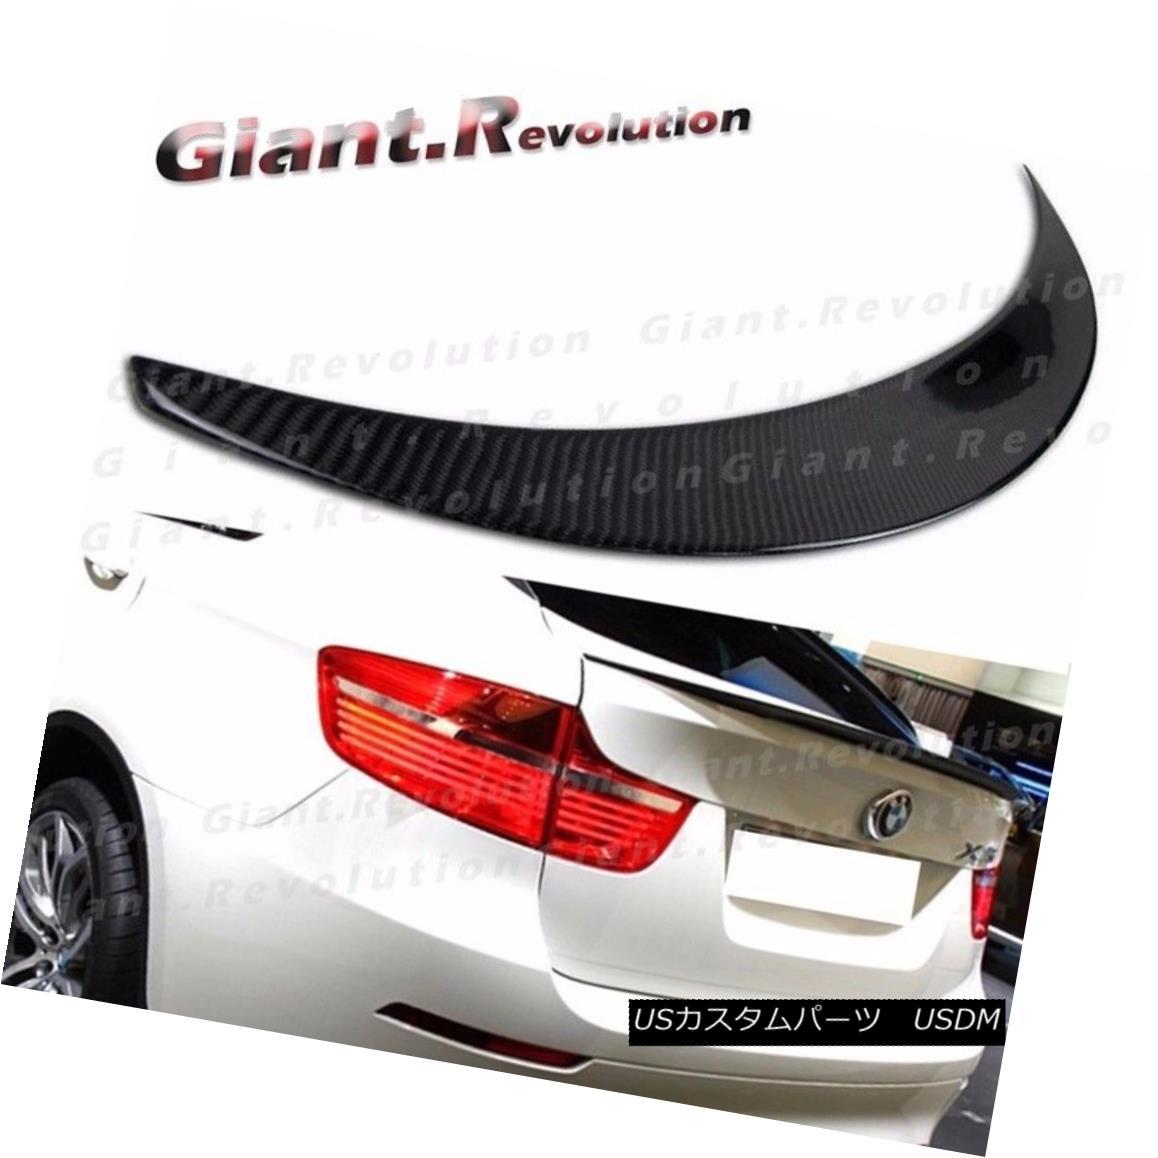 エアロパーツ Carbon Fiber Performance Rear Trunk Spoiler Fit BMW 08-13 E71 X6 Hatchback Boot BMW 08-13 E71 X6ハッチバックブーツにフィットする炭素繊維性能リアトランク・スポイラー